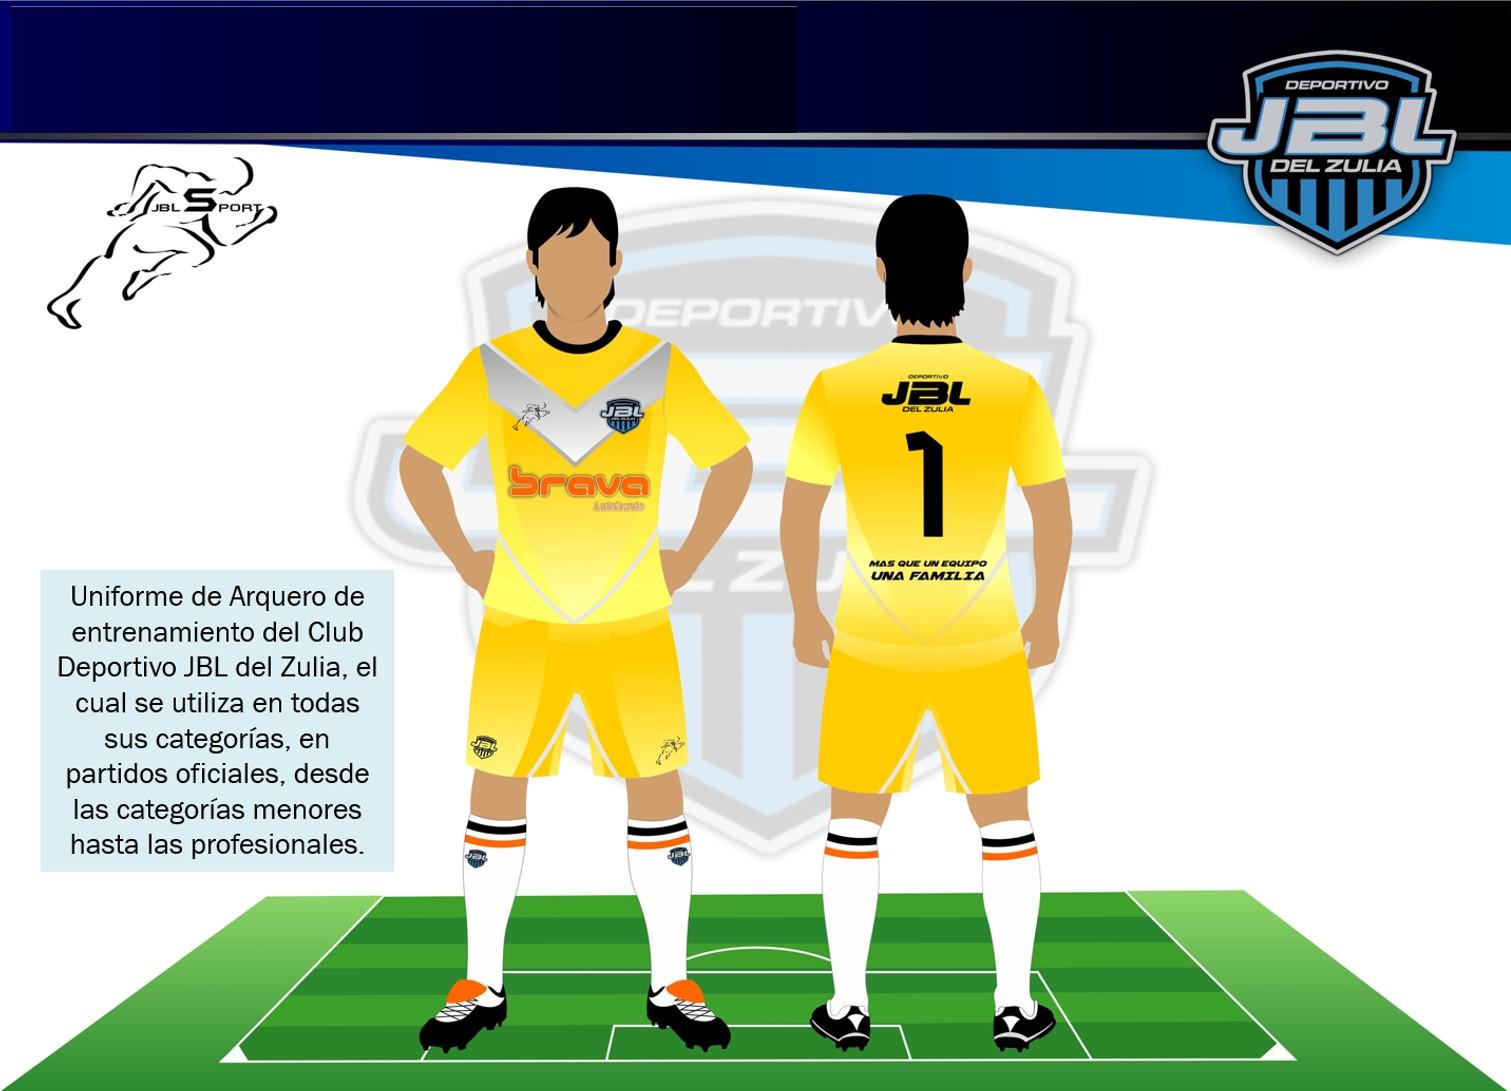 65f5fbb8fe9ec Deportivo JBL del Zulia